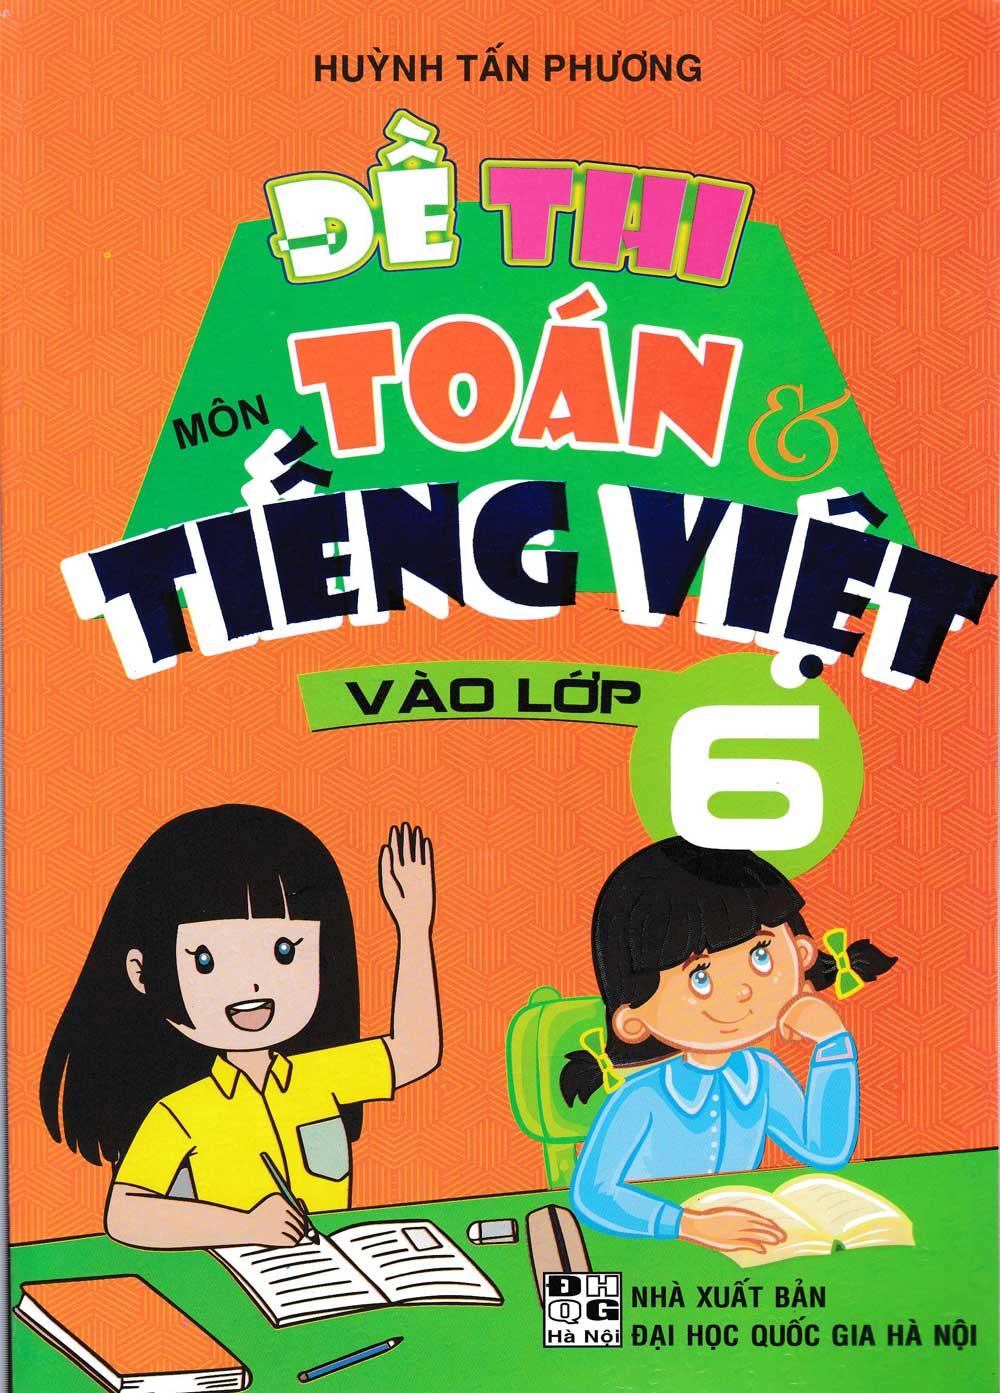 Đề Thi Môn Toán Và Tiếng Việt Vào Lớp 6 - EBOOK/PDF/PRC/EPUB